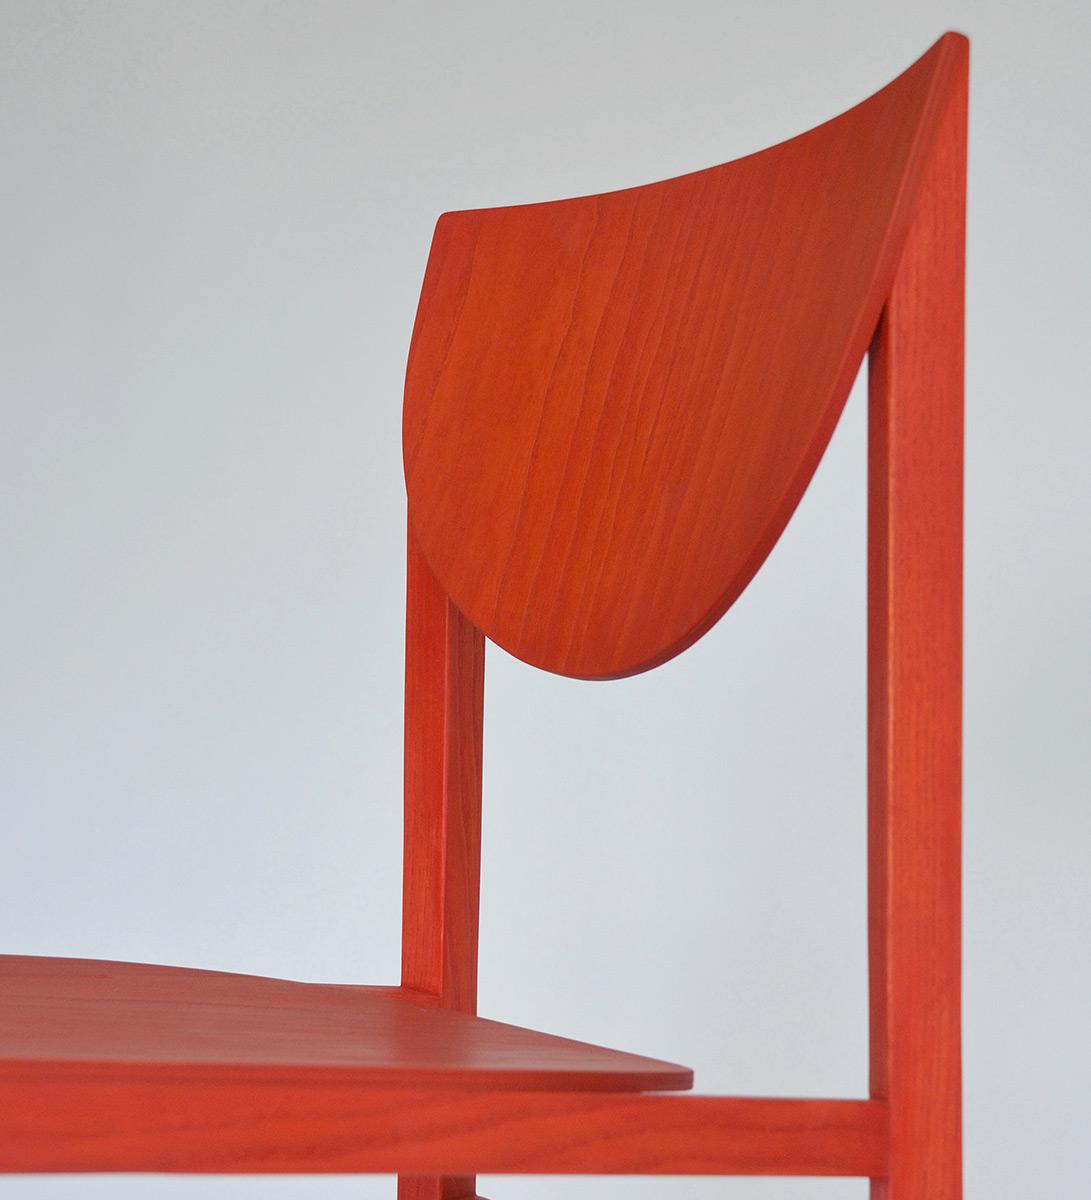 UU-Chair-Mette-Schelde-04